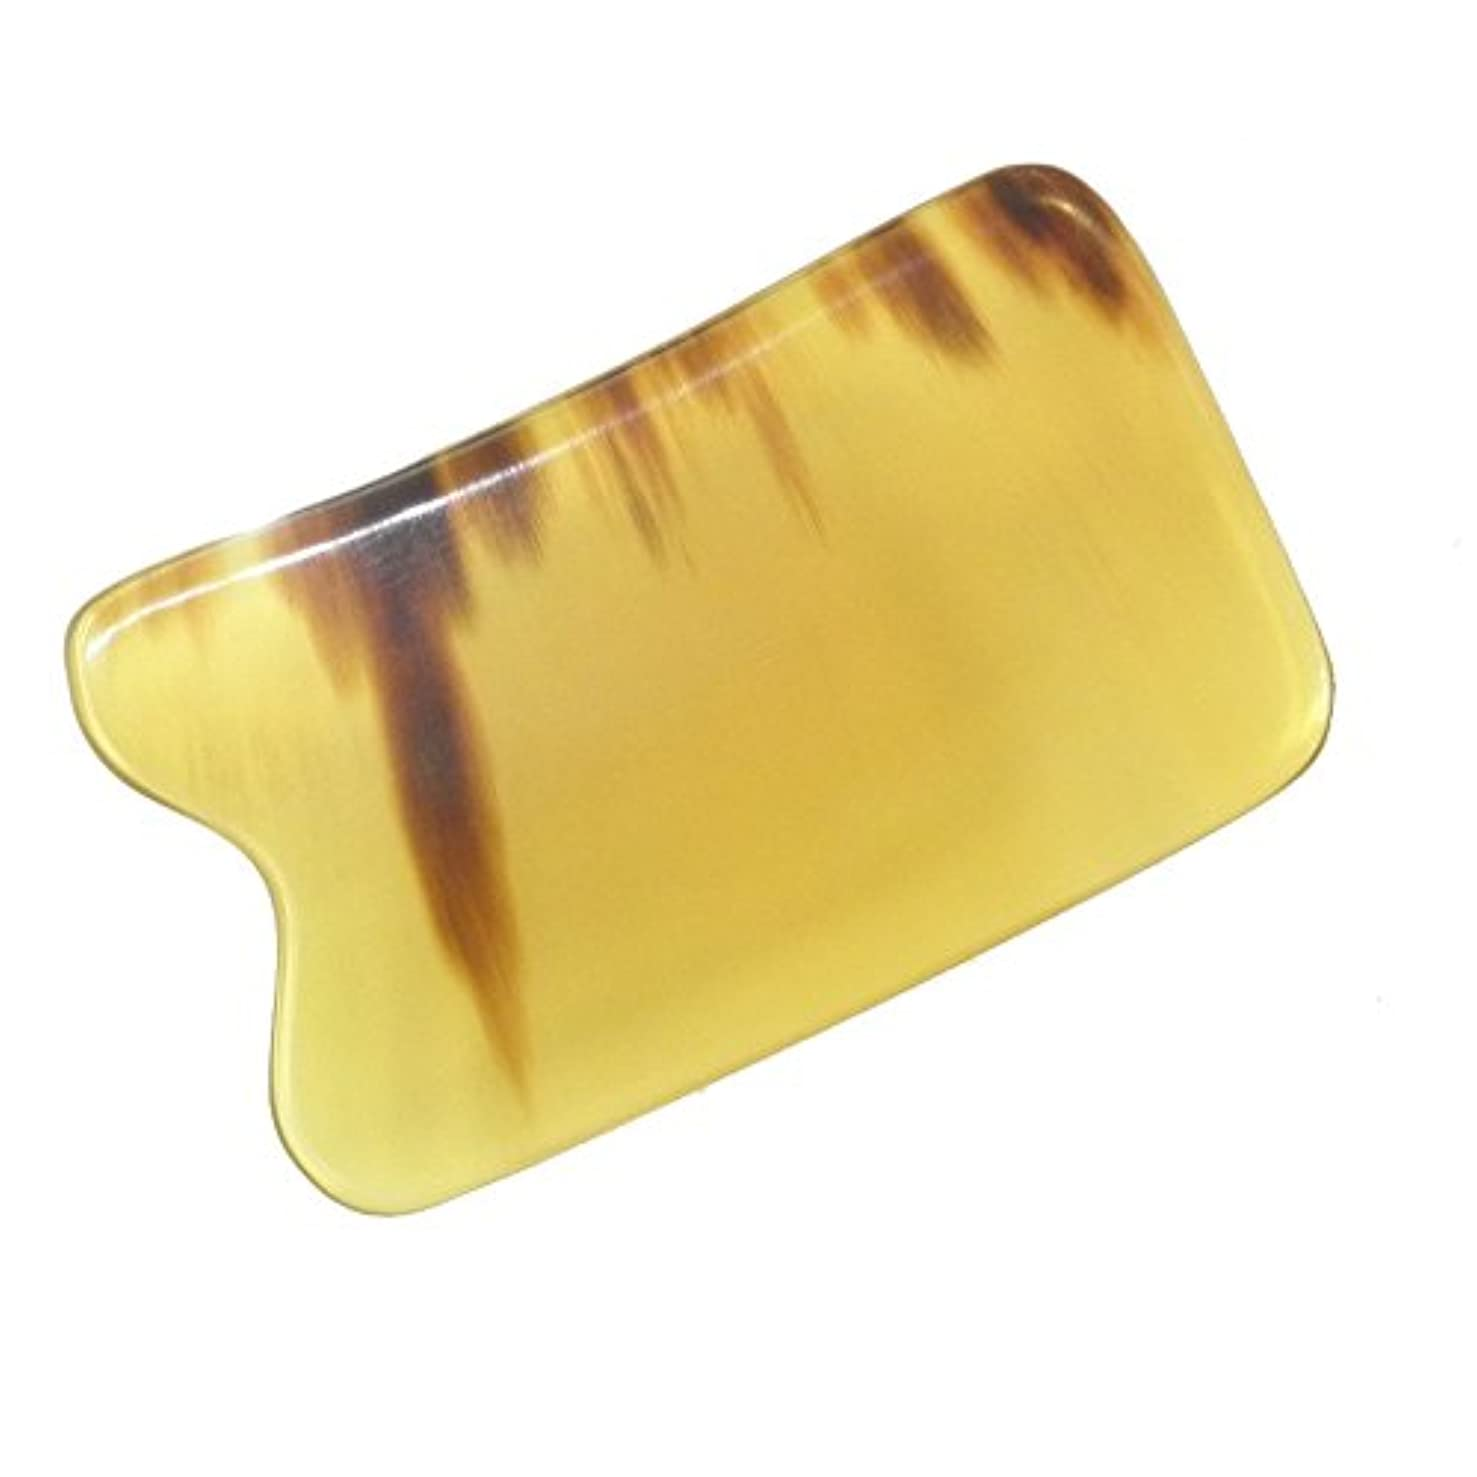 学期見捨てられた強大なかっさ プレート 厚さが選べる 水牛の角(黄水牛角) EHE219SP 四角凹 特級品 少し薄め(4ミリ程度)